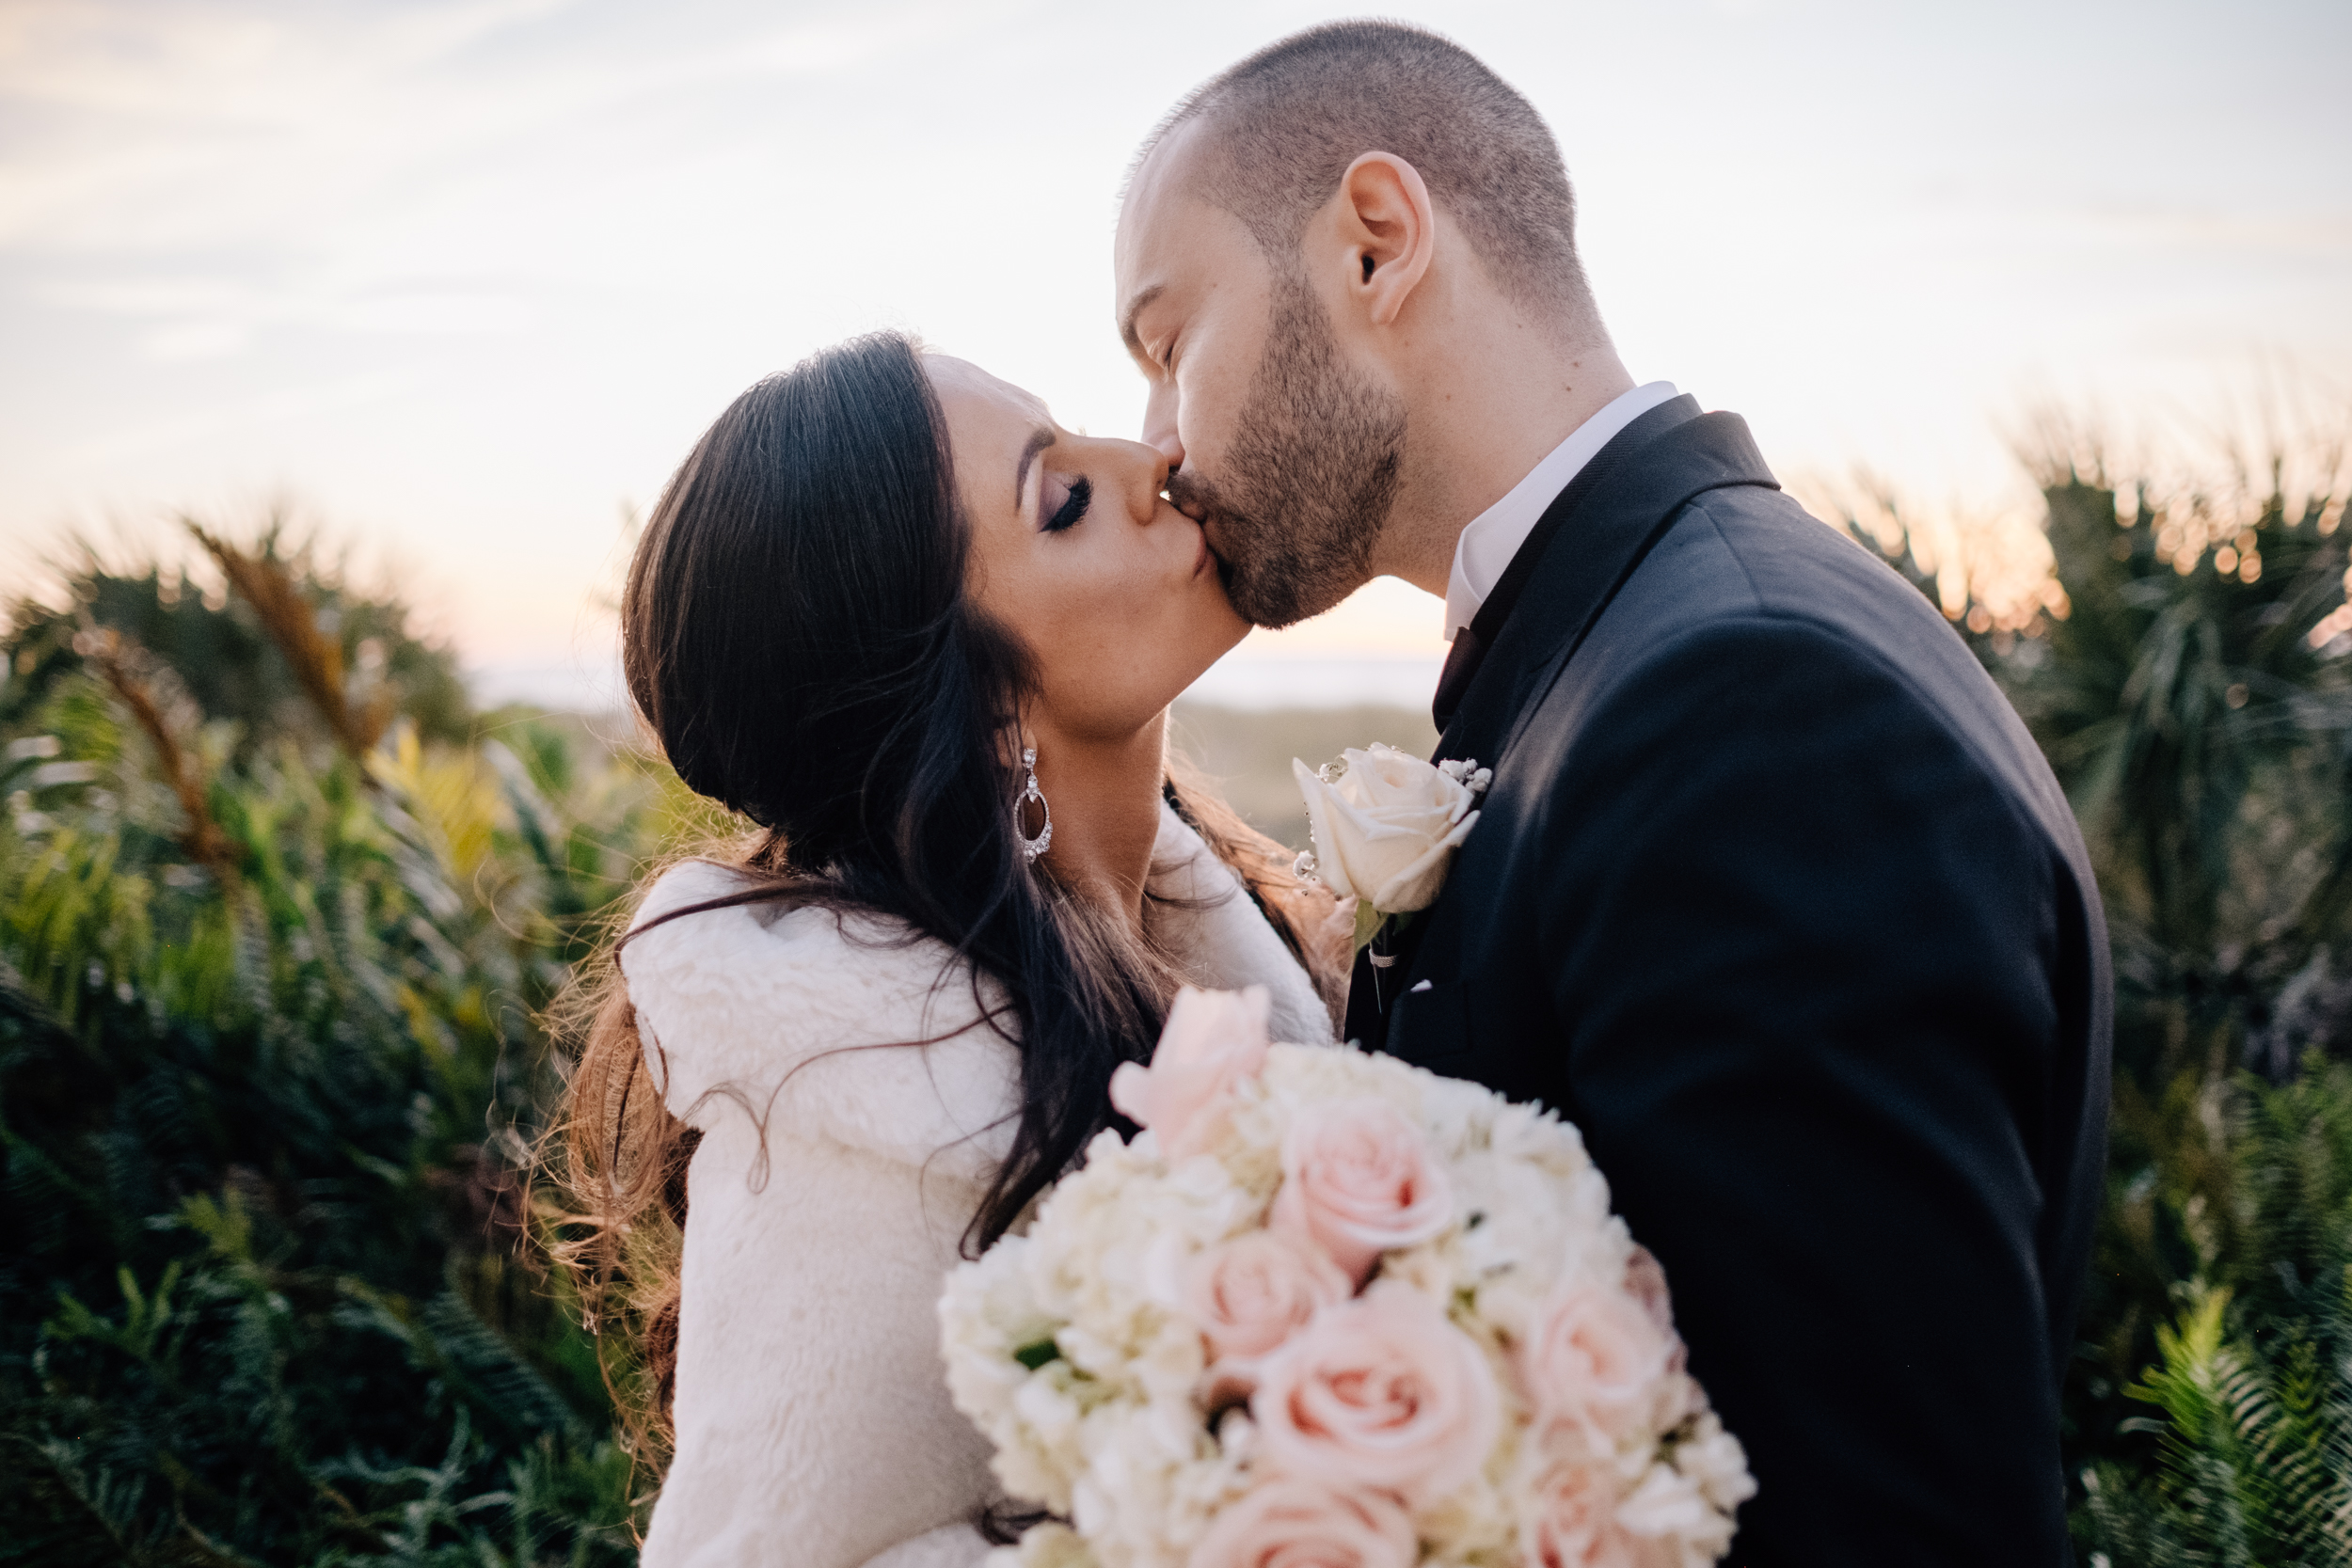 Amethyst Weddings Clearwater Beach Multicultural Wedding094.jpg